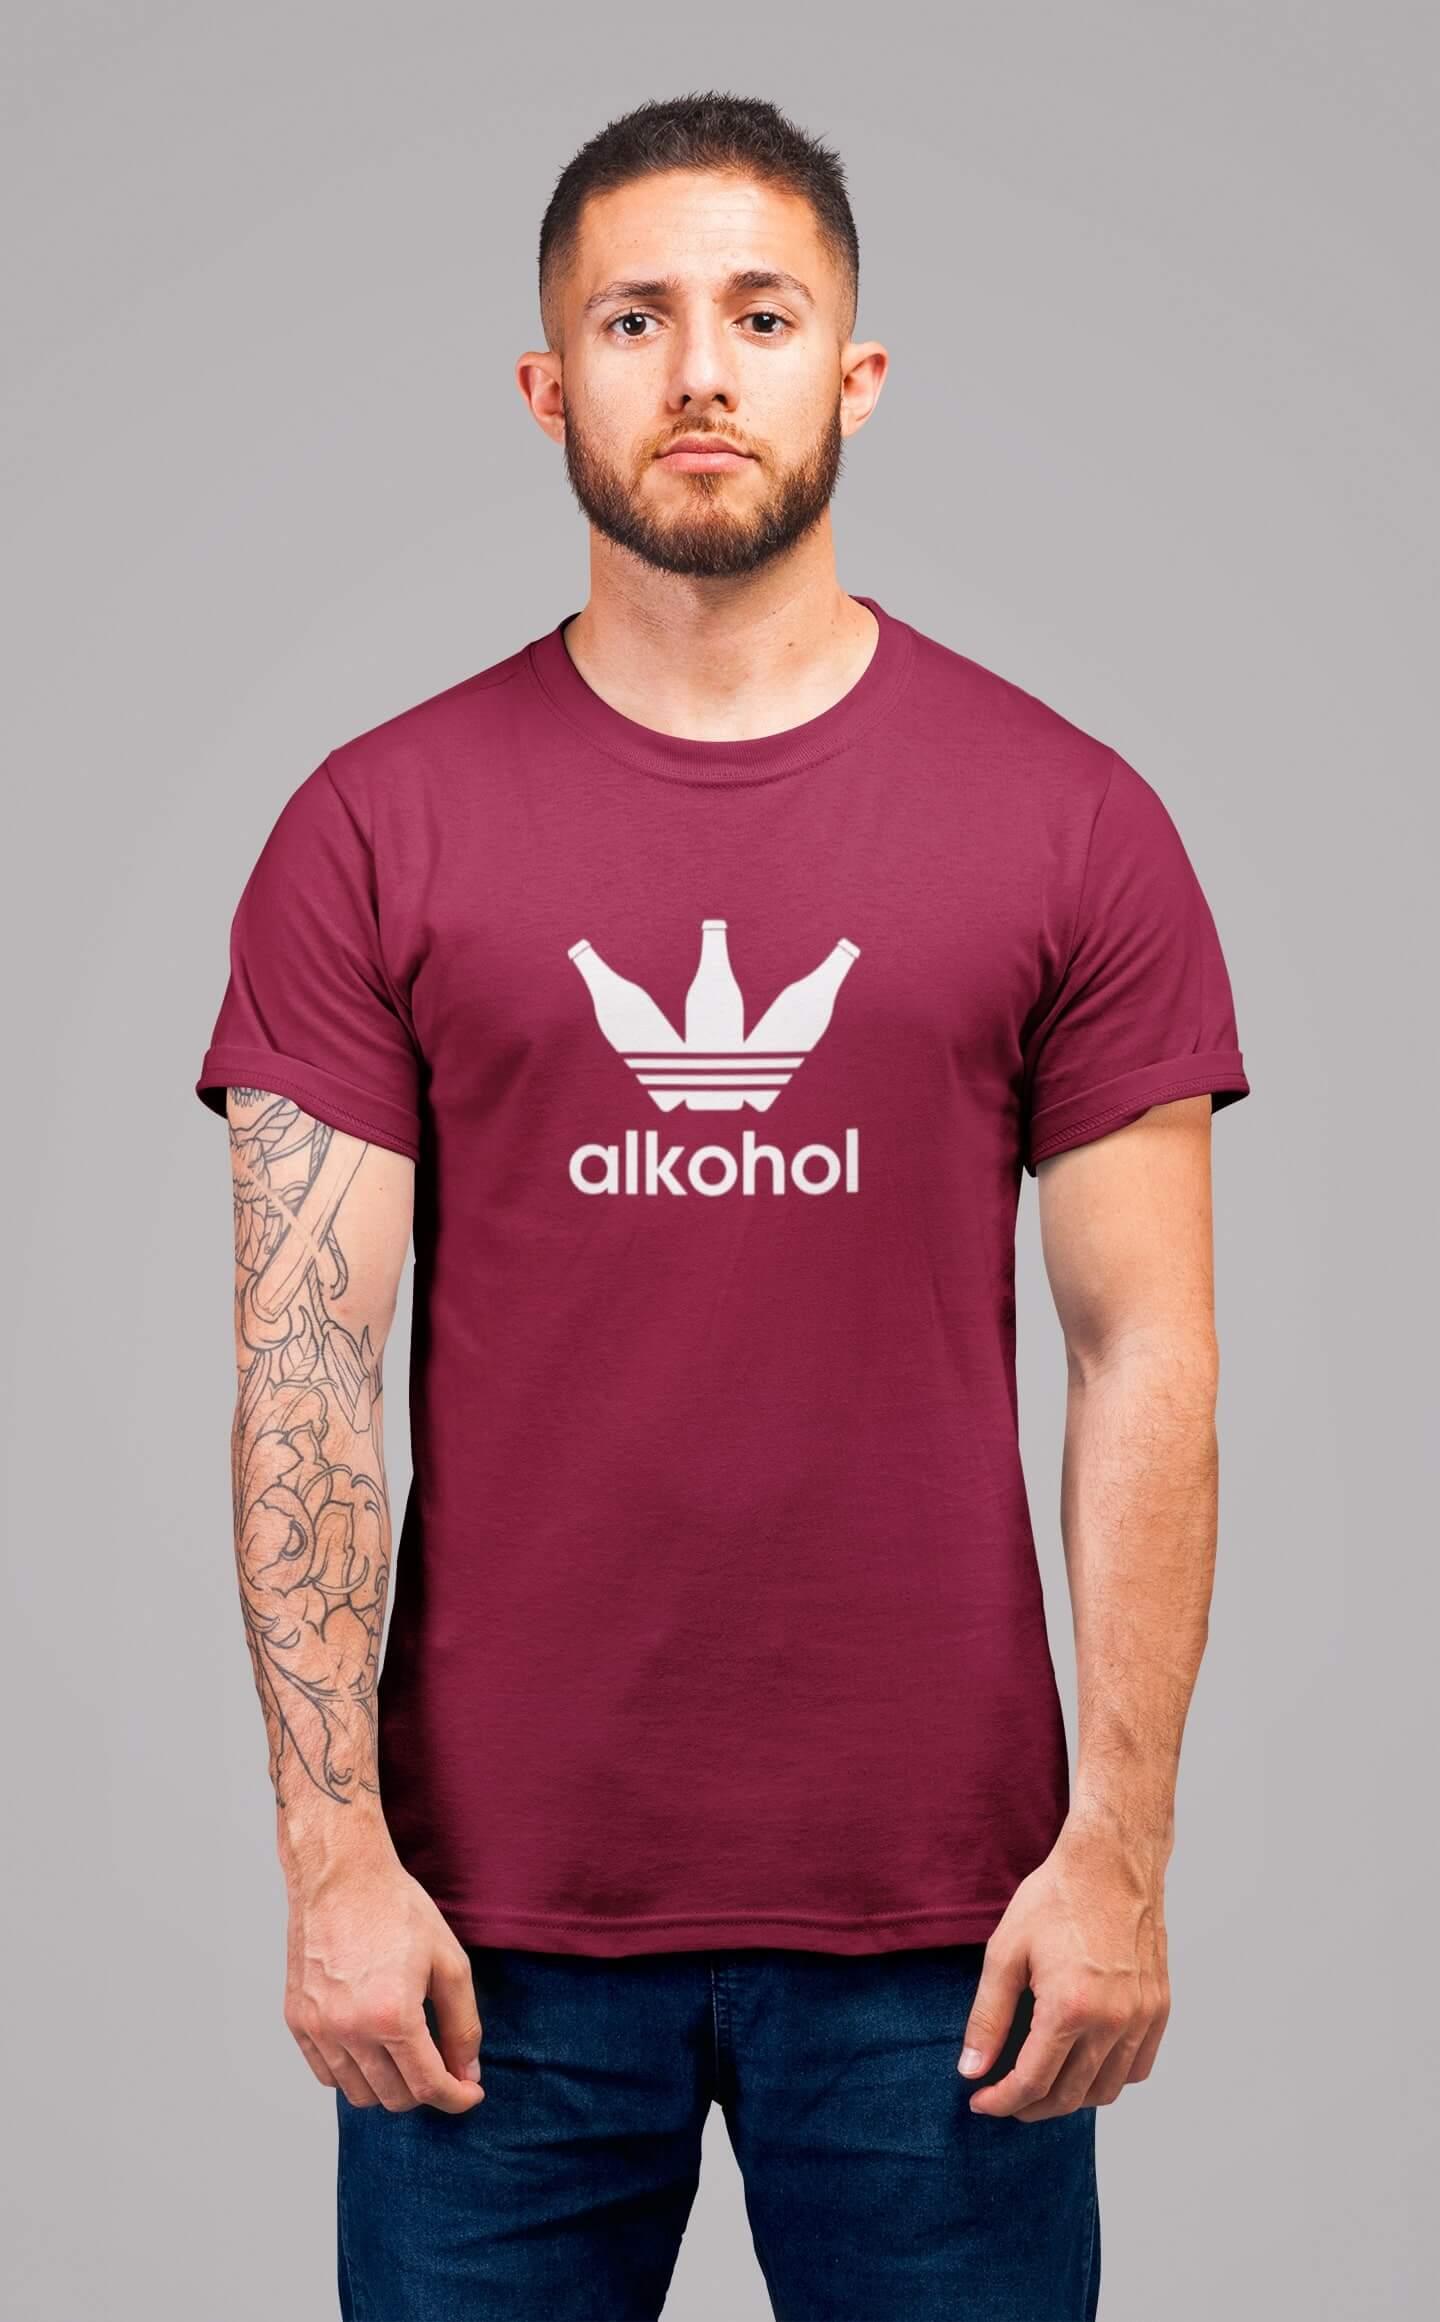 MMO Pánske tričko s flaškami Vyberte farbu: Marlboro červená, Vyberte veľkosť: XL